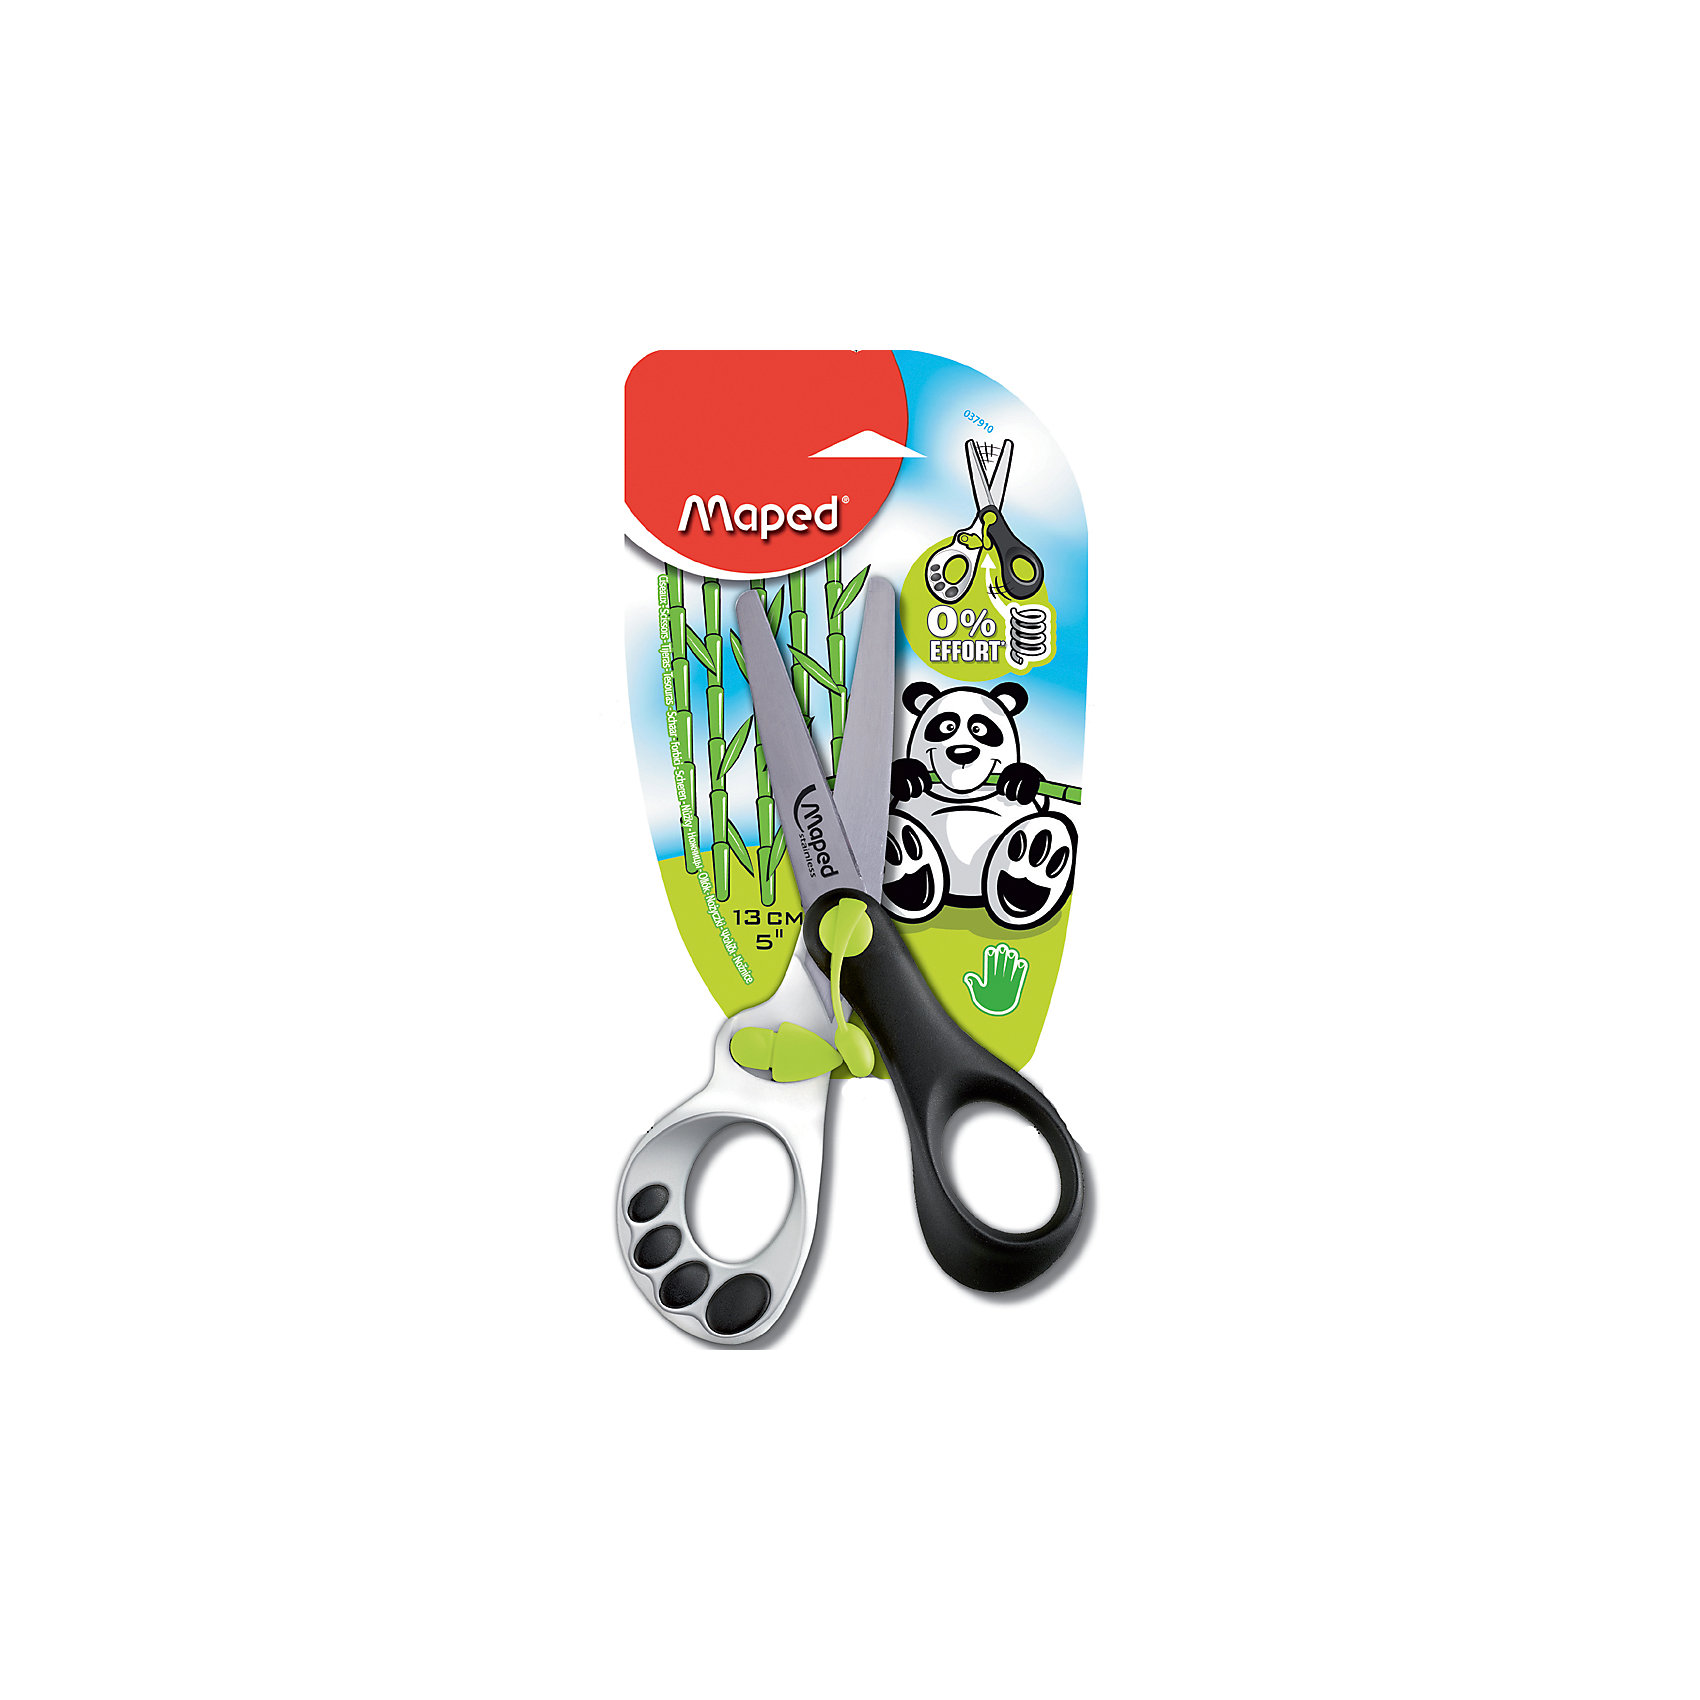 Ножницы KOOPY, 13 смШкольные аксессуары<br>Ножницы KOOPY, 13 см от марки Maped<br><br>Эти ножницы созданы специально для малышей. Ими очень легко вырезать. Ручки - из безопасного пластика, эргономичные, удобные.<br>Конструкция разработана для детской руки. Лезвия - закругленные, безопасные. Одна из ручек украшена забавной лапой панды.<br><br>Особенности данной модели:<br><br>закругленные лезвия;<br>цвет: разноцветные;<br>длина - 13 см.<br><br>Ножницы KOOPY, 13 см от марки Maped можно купить в нашем магазине.<br><br>Ширина мм: 15<br>Глубина мм: 76<br>Высота мм: 173<br>Вес г: 33<br>Возраст от месяцев: 72<br>Возраст до месяцев: 1188<br>Пол: Унисекс<br>Возраст: Детский<br>SKU: 2418860